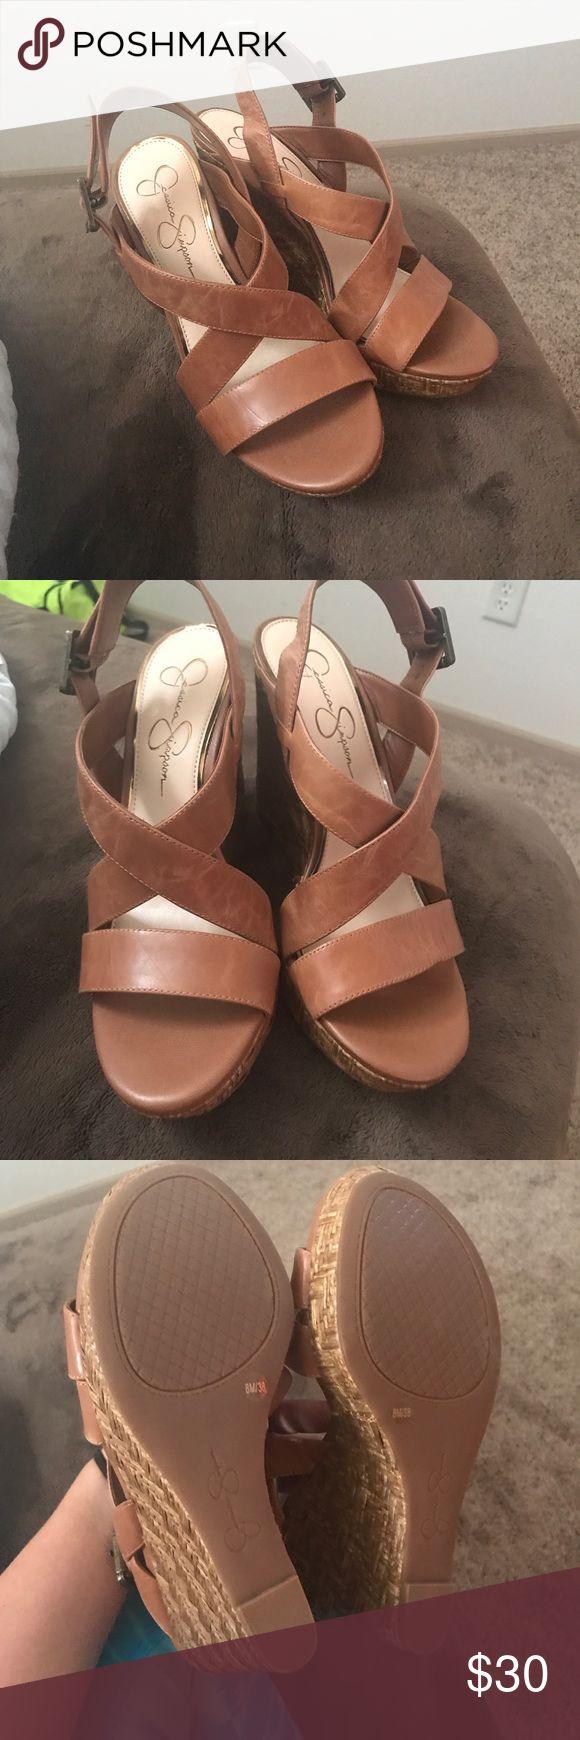 Jessica Simpson Wedges Camel Jessica Simpson Wedges Size 8 Jessica Simpson Shoes Wedges